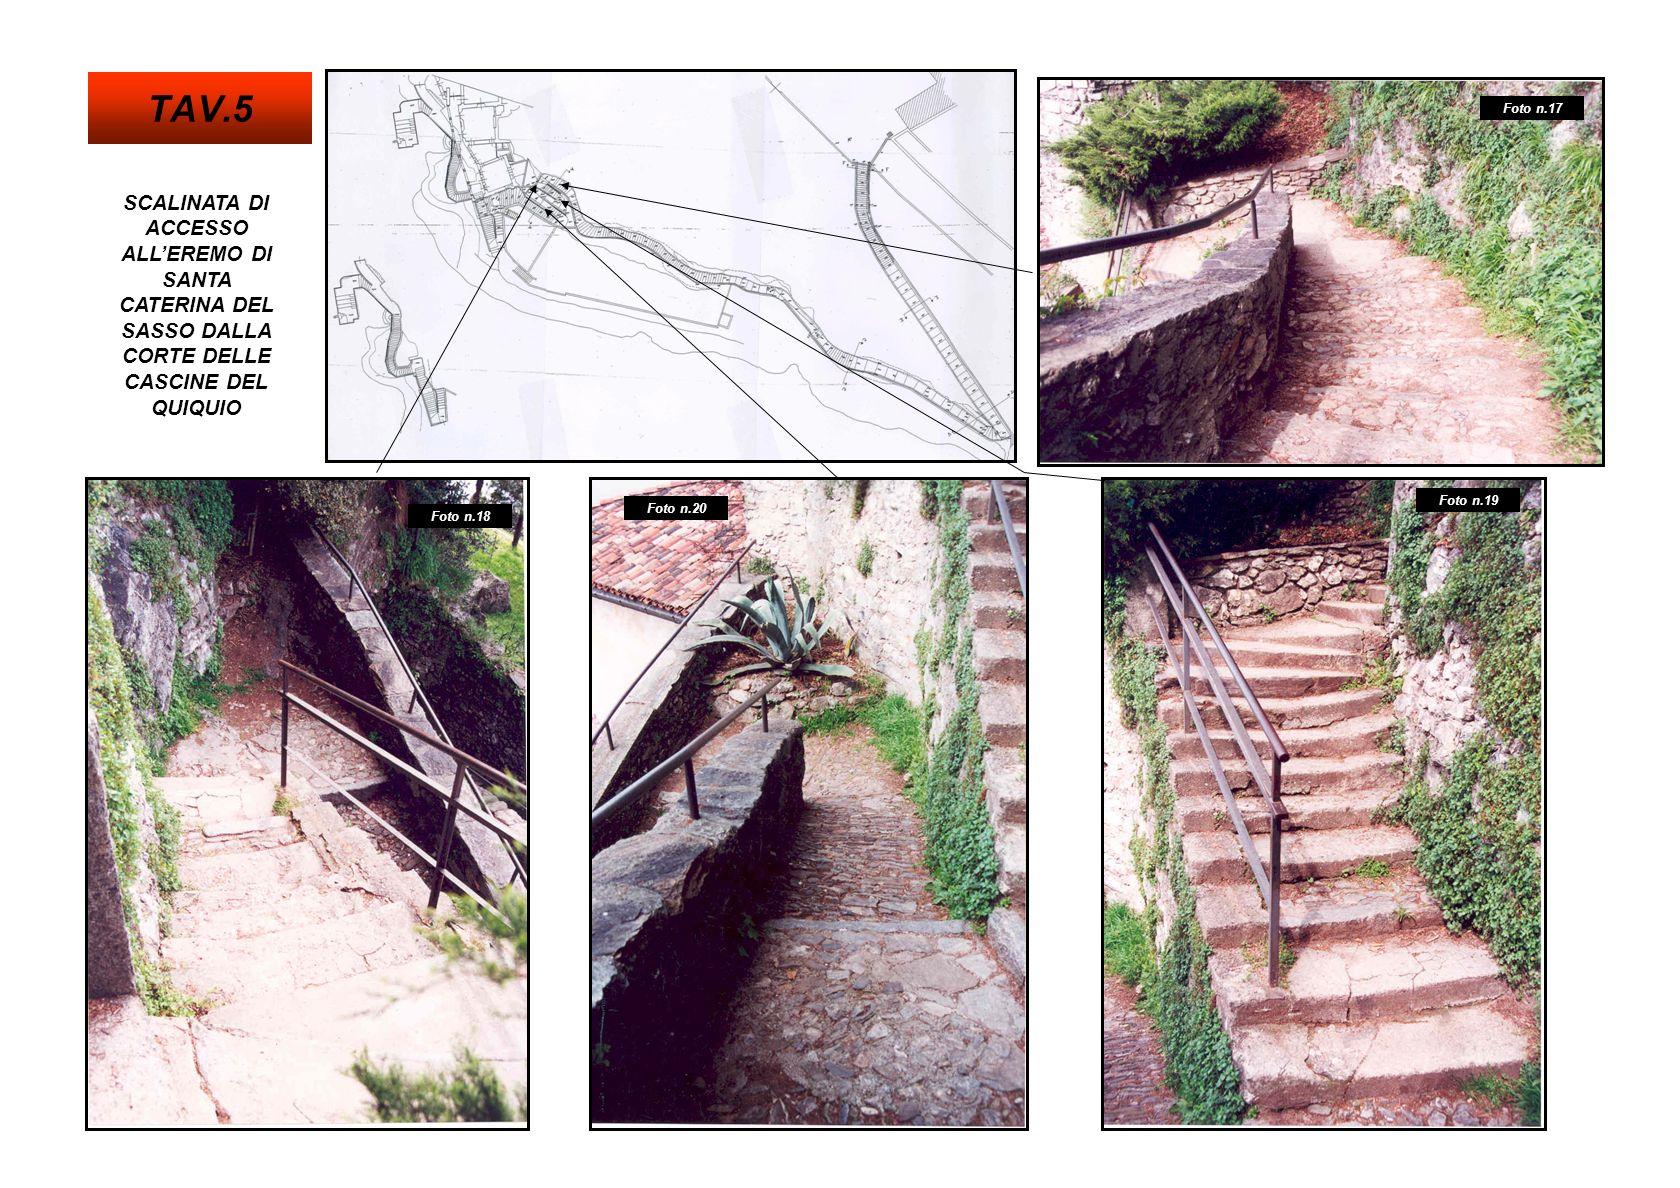 SCALINATA DI ACCESSO ALLEREMO DI SANTA CATERINA DEL SASSO DALLA CORTE DELLE CASCINE DEL QUIQUIO Foto n.23 Foto n.21 Foto n.24 TAV.6 Foto n.22